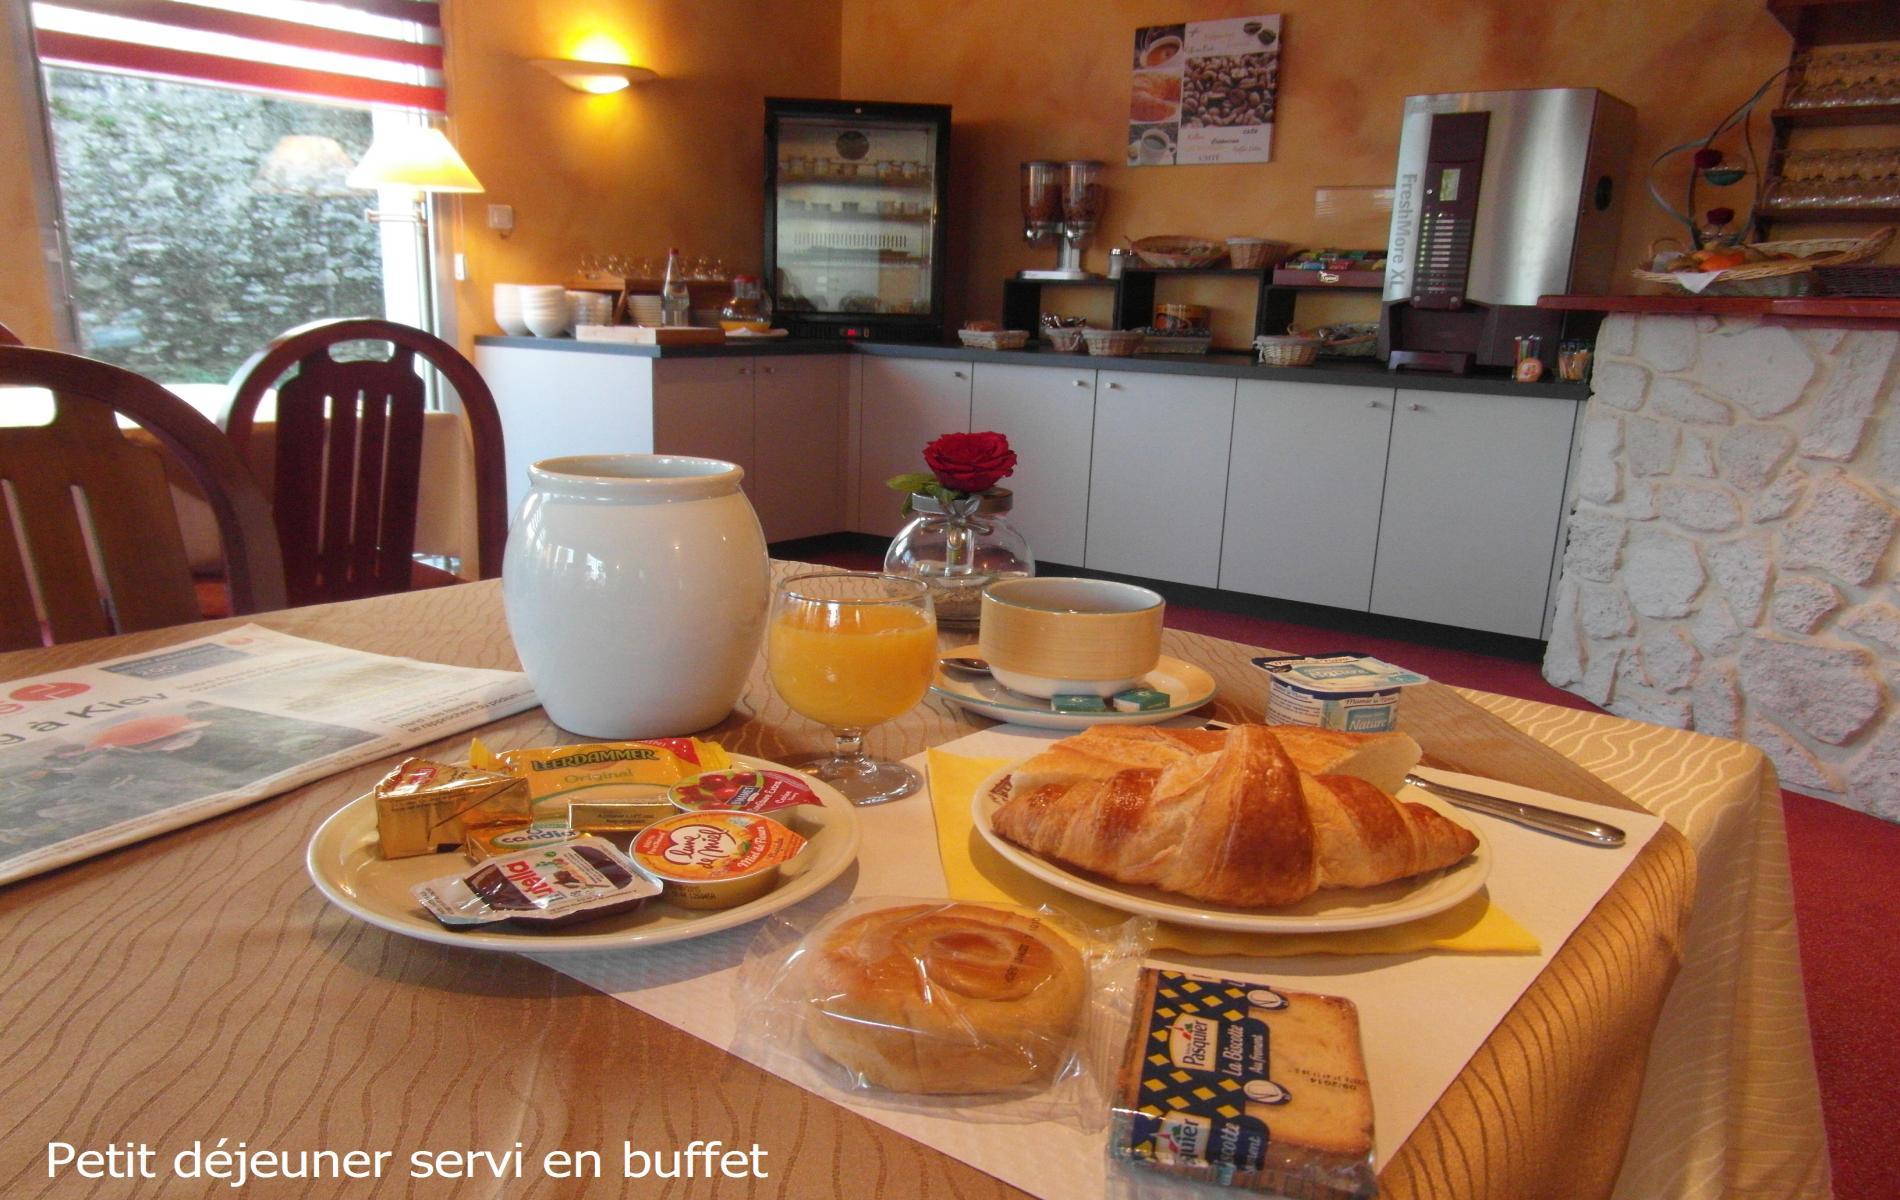 Petit déjeuner servi sous forme de buffet